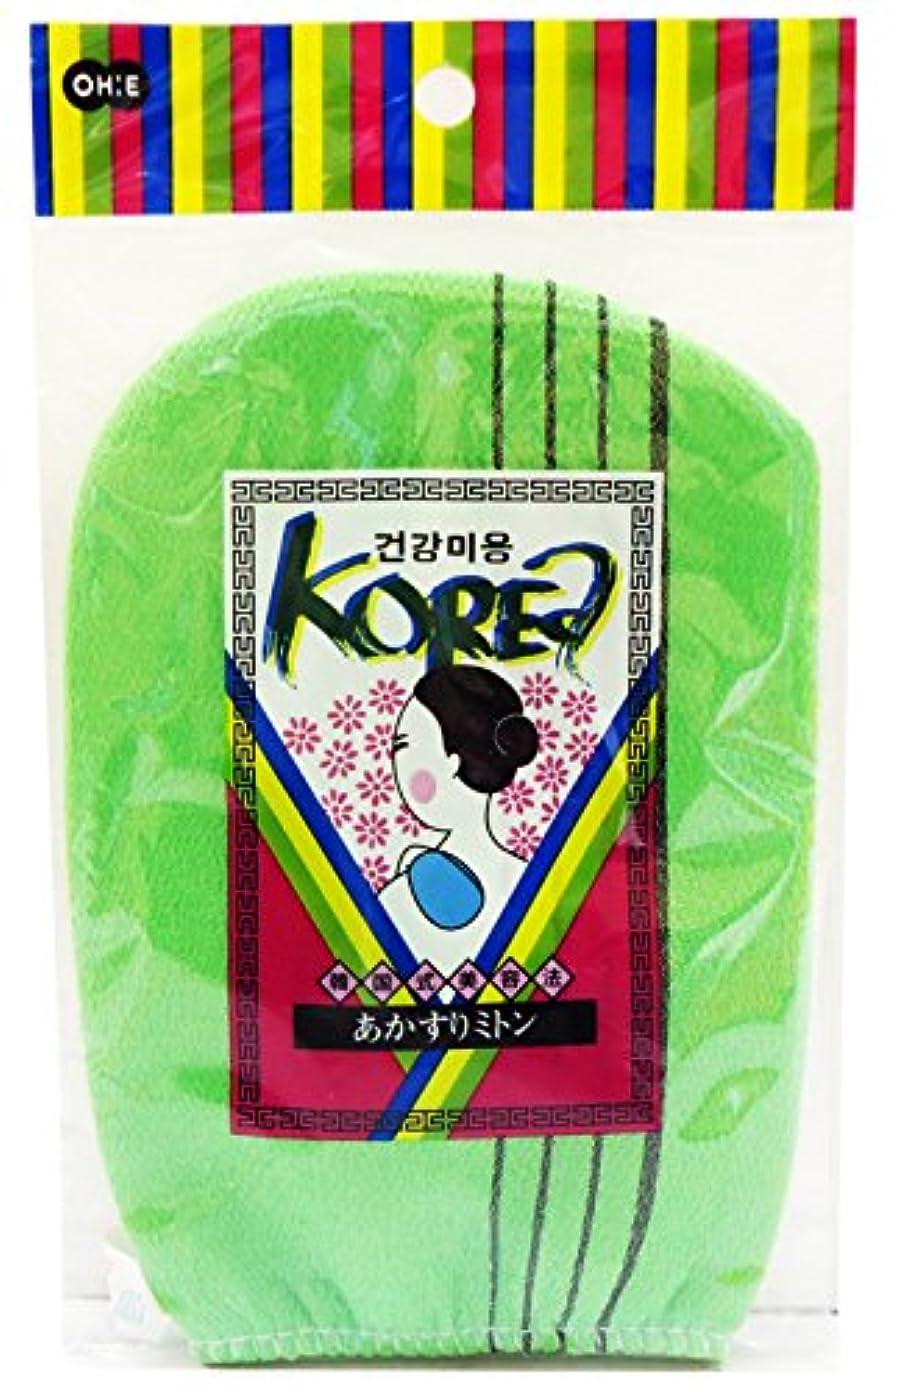 インカ帝国スカーフ政策オーエ ボディタオル グリーン 約縦18×横13cm 韓国式 あかすり ミトン 角質とり